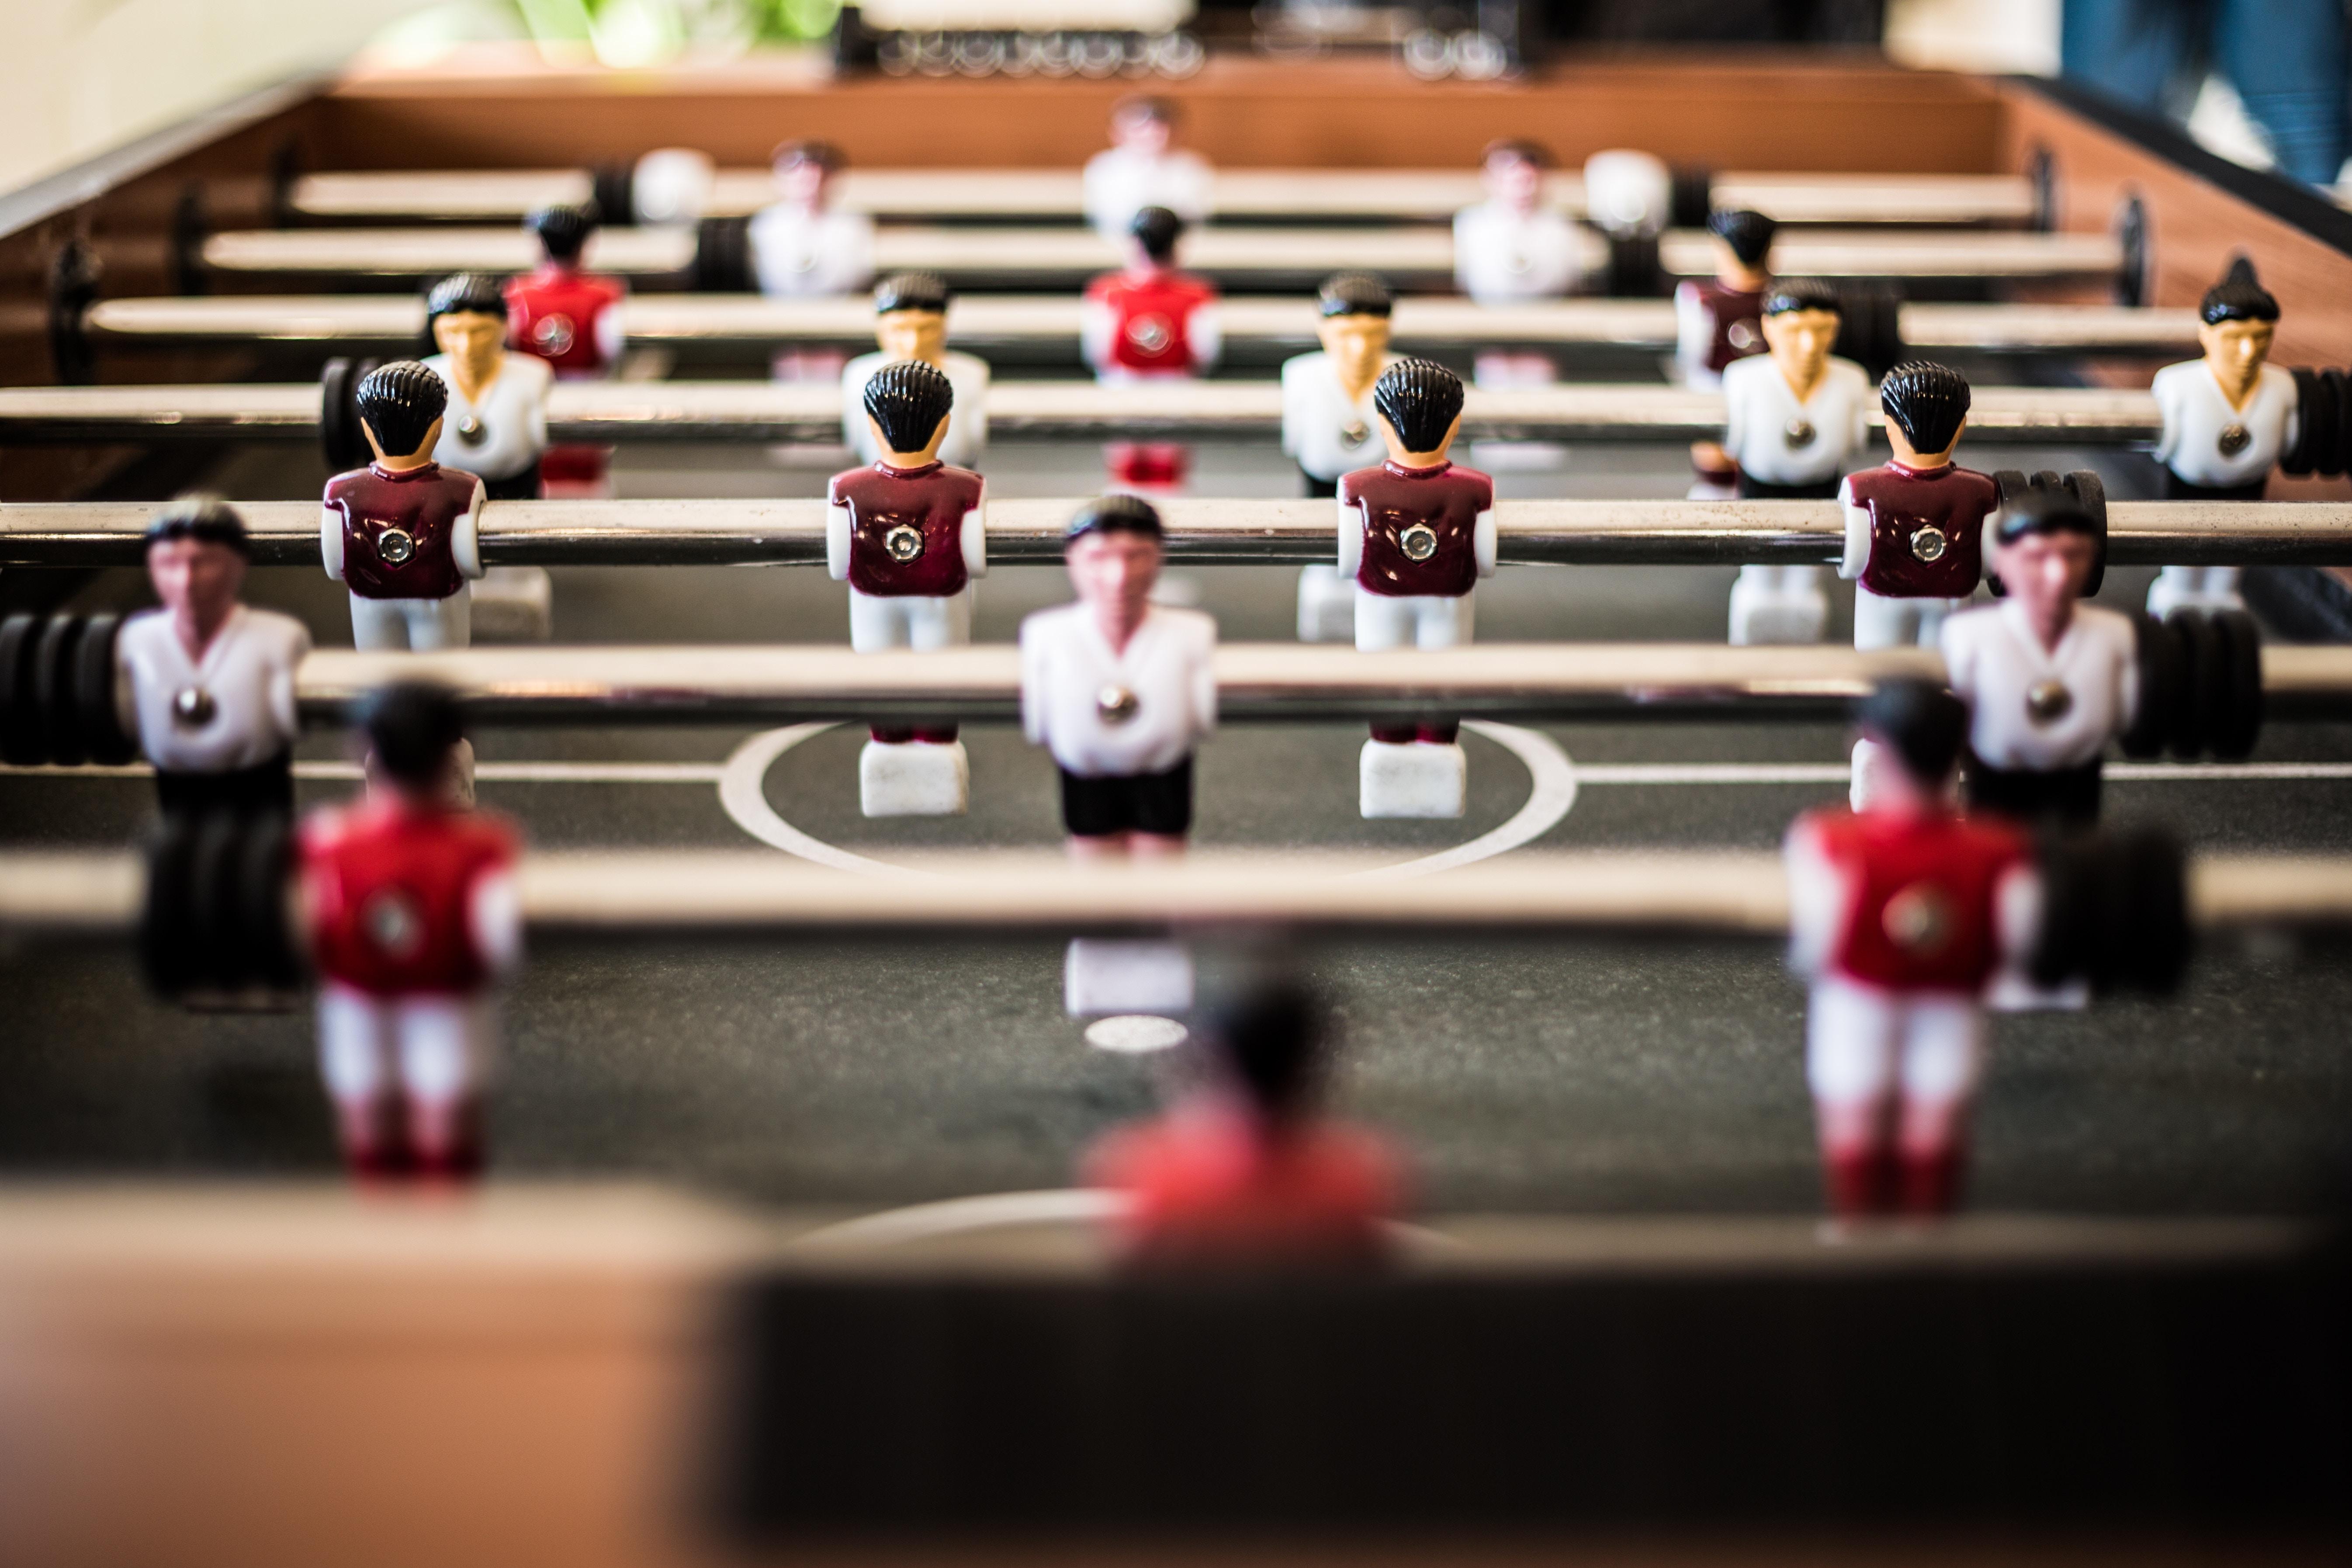 Derby day in Japan's soccer kingdom